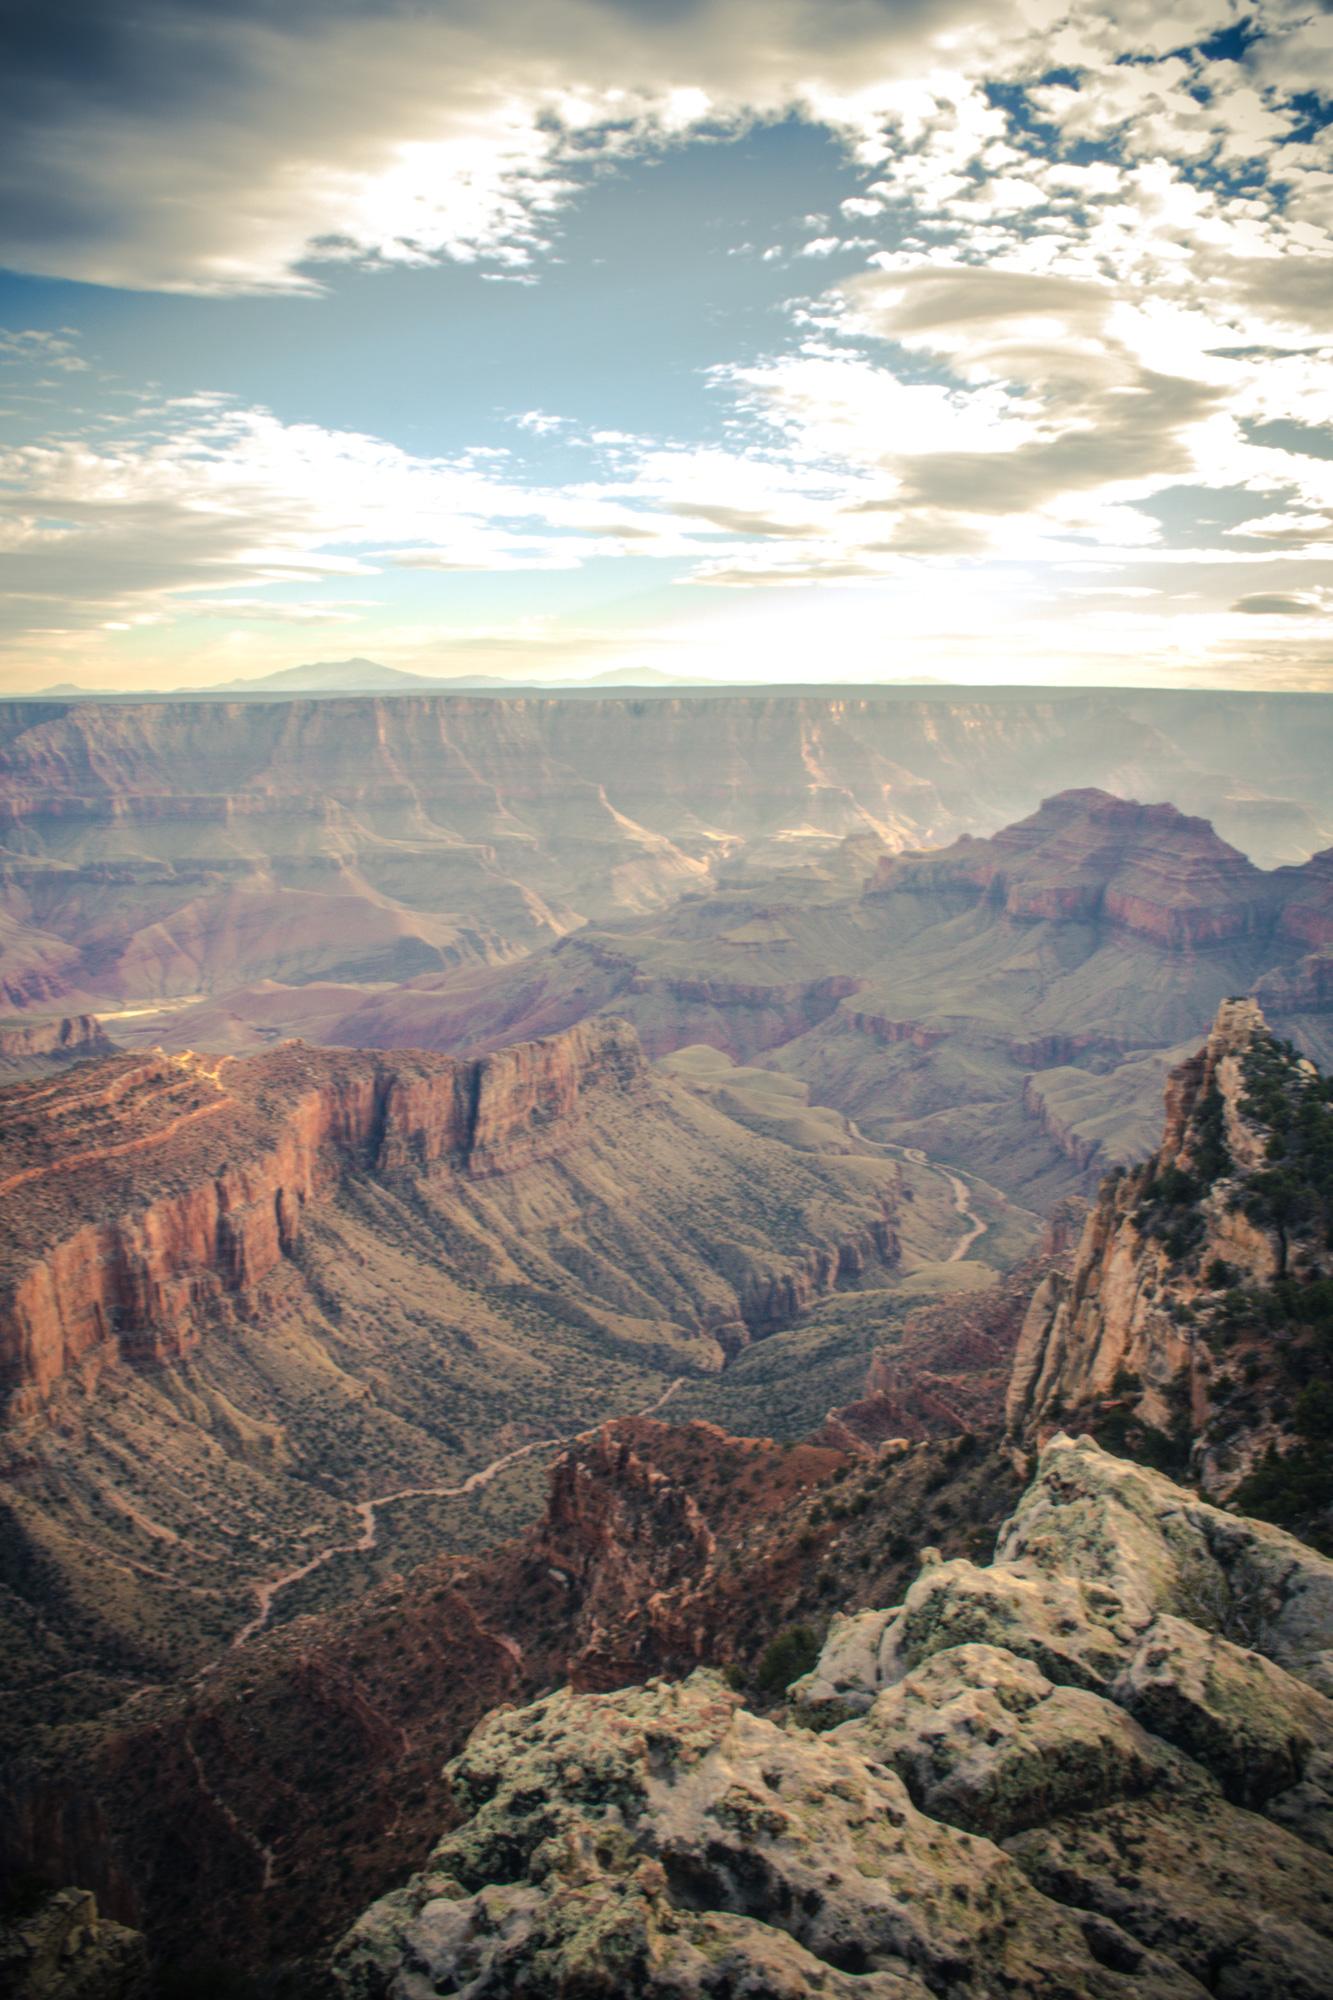 At the North Rim Grand Canyon National Park